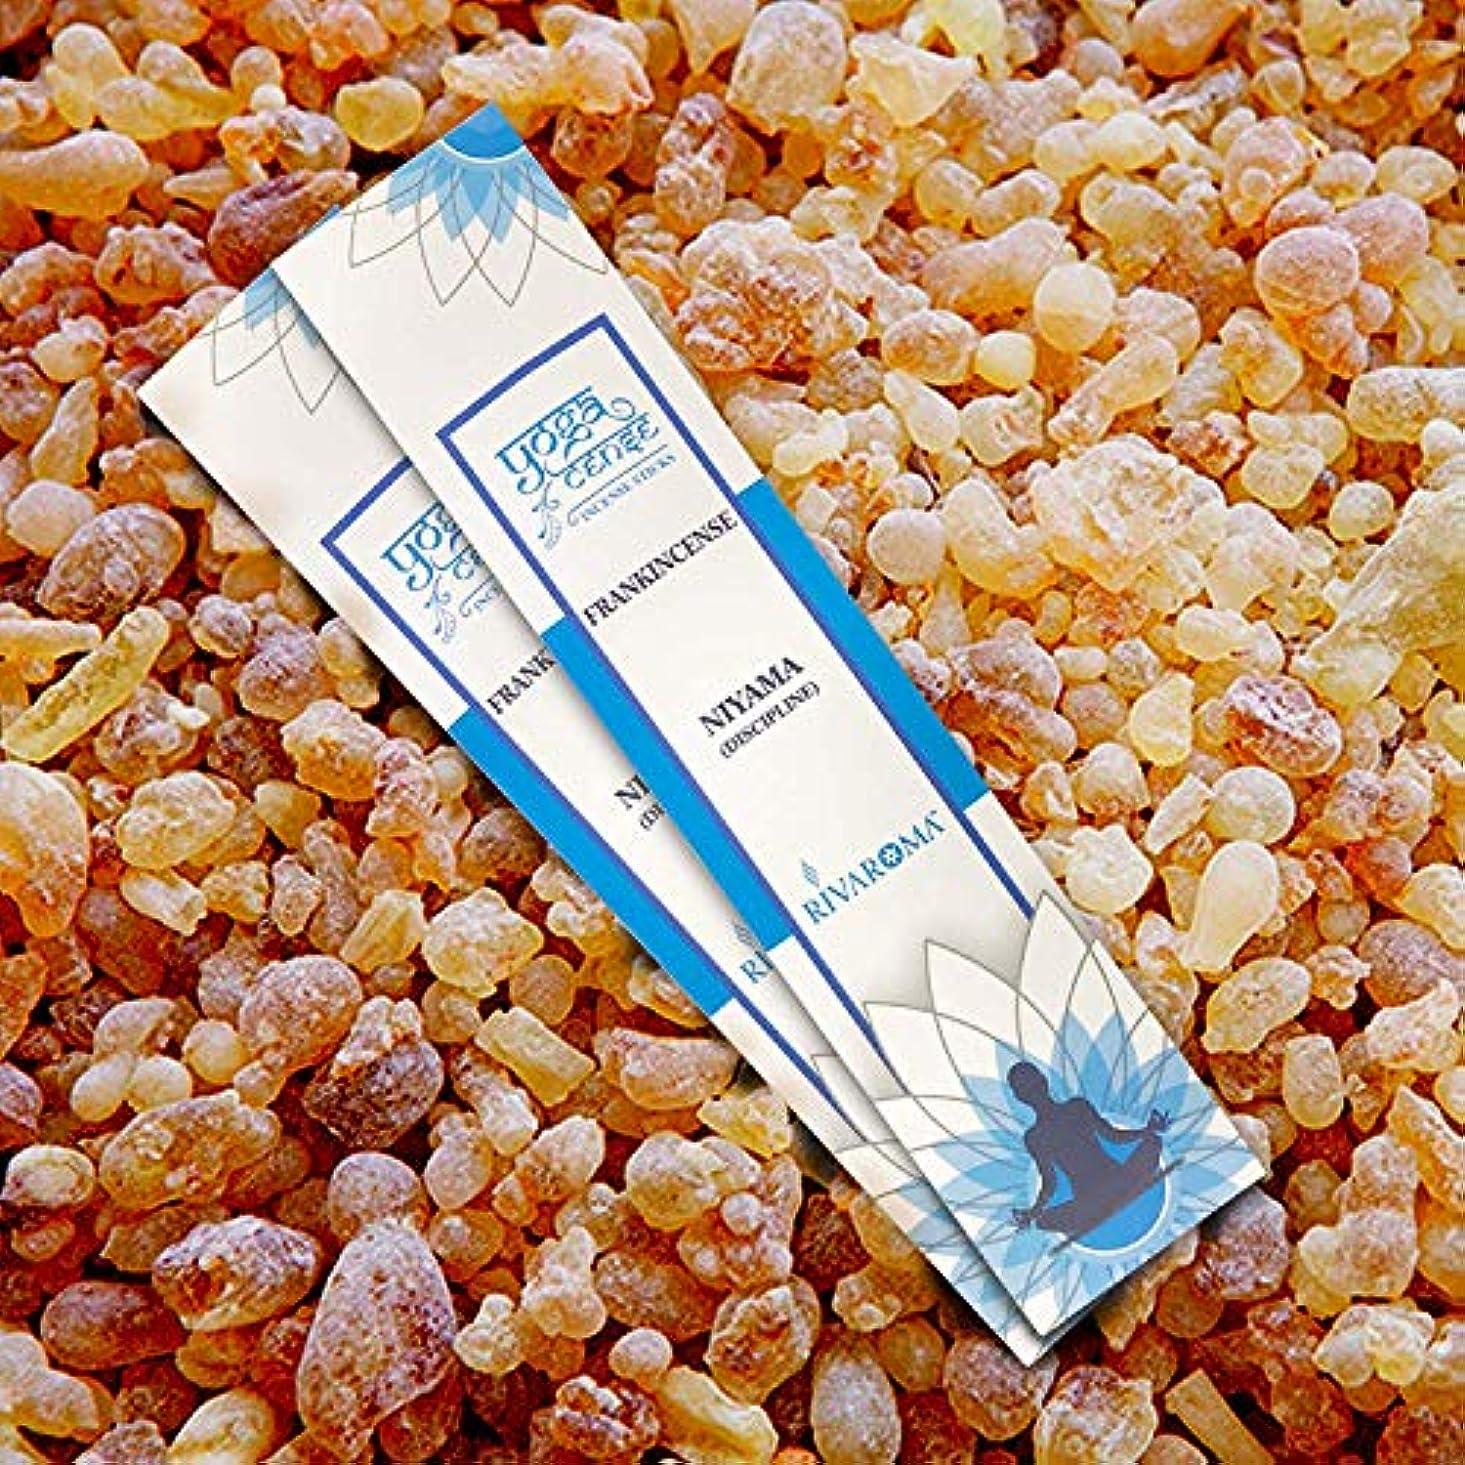 弱いぎこちない自分Rivaroma Yoga cense (Frankincense) Incense Stick (15 Units)